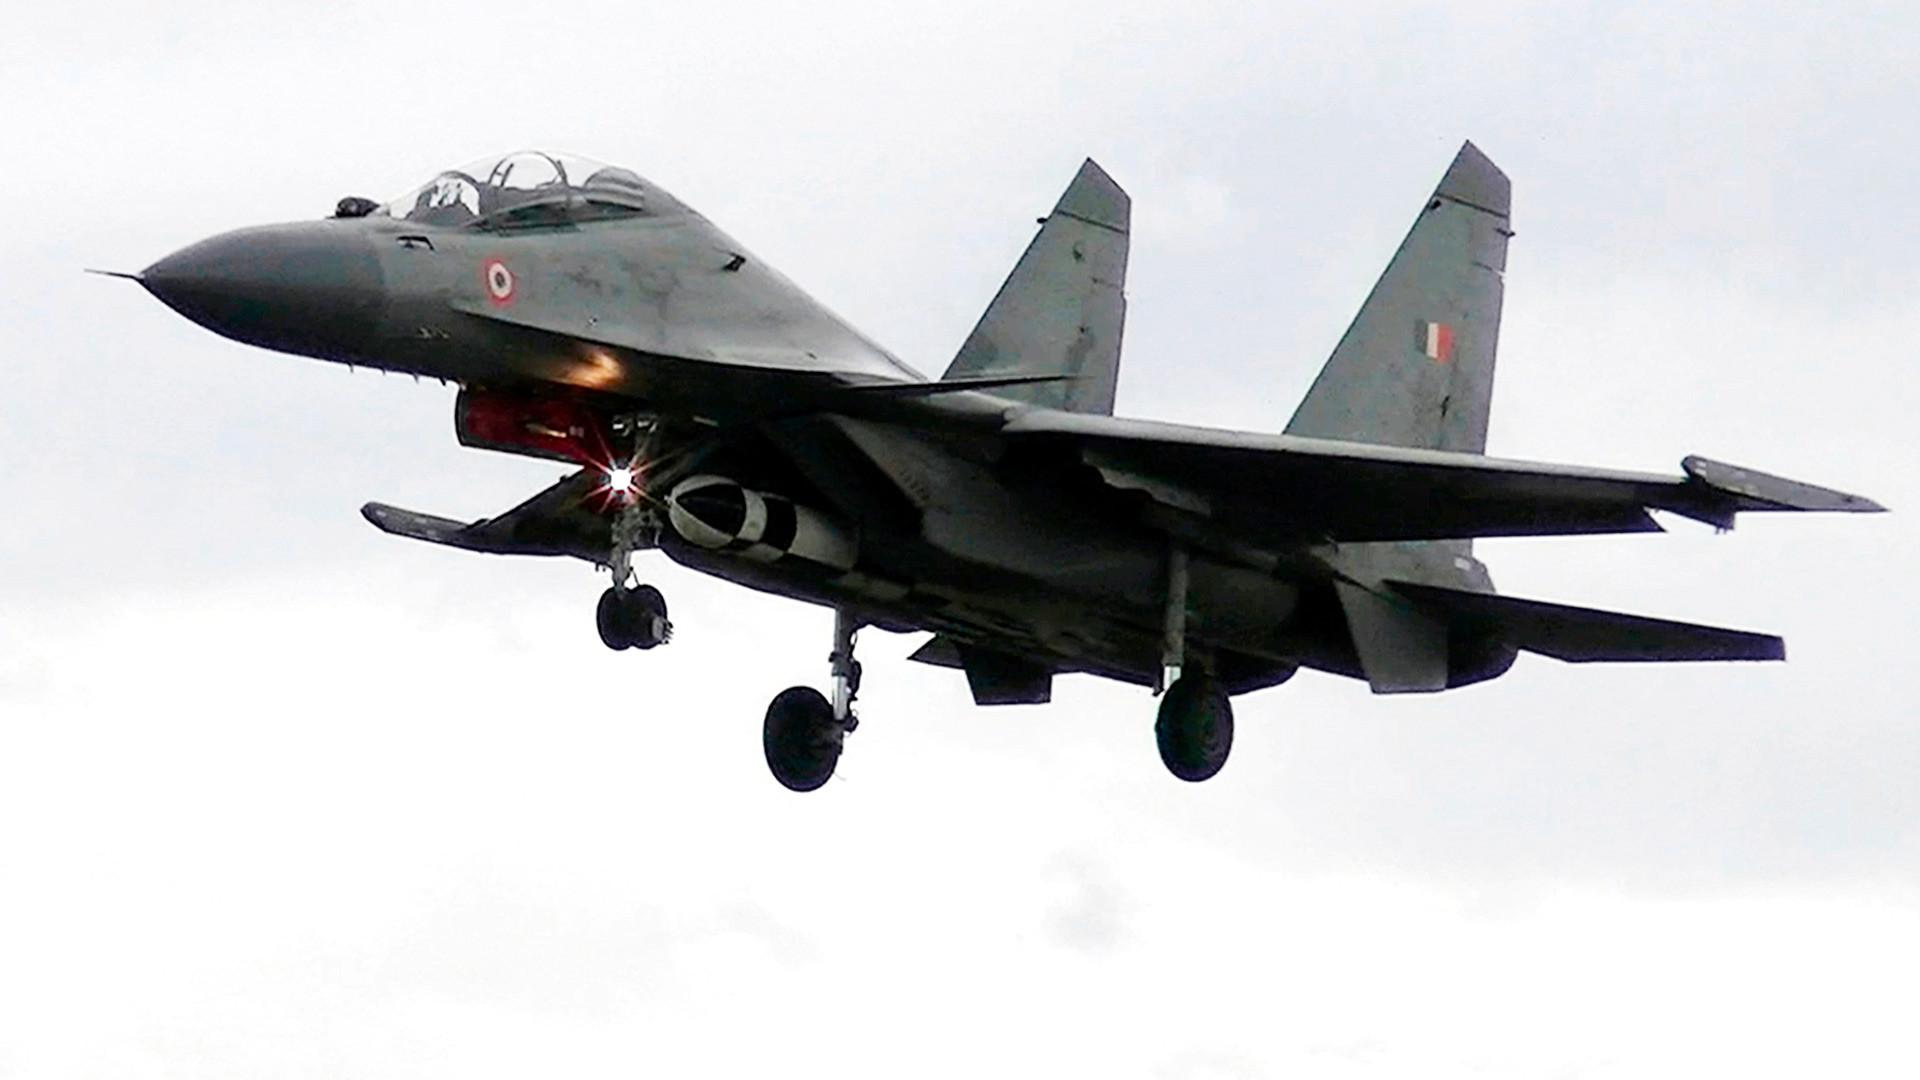 """Ову фотографију је објавило индијско ратно ваздухопловство 22. маја 2019. године. Направљена је 2017. године на непознатој локацији. Ловац Су-30МКИ """"Сухој"""" носи крстарећу ракету """"Брамос"""" класе """"ваздух-земља"""", односно """"ваздух-море""""."""